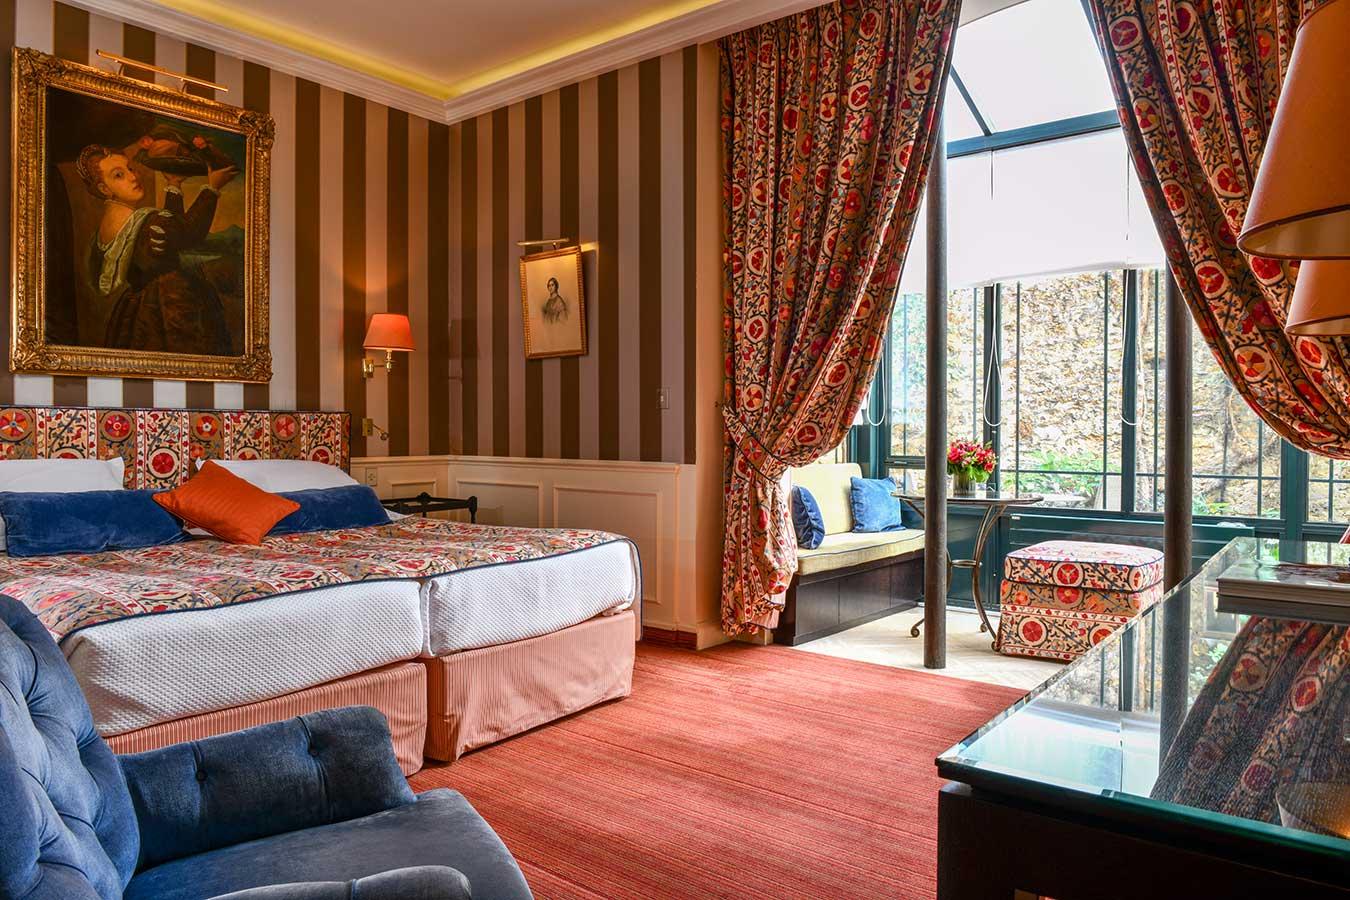 Junior Suite Jardin - vue chambre avec lit en configuration twin dans les tons rouge et bleu, verrière ensoleillée avec canapés et bureau en bois foncé à droite